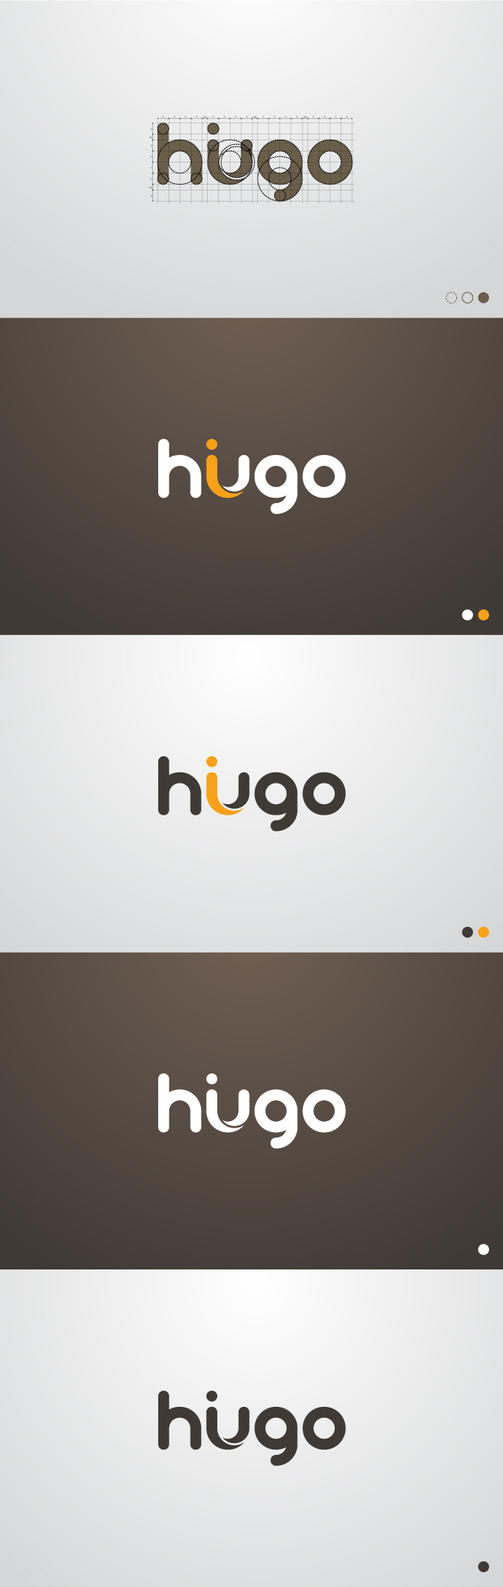 hiugo logo by hiugo